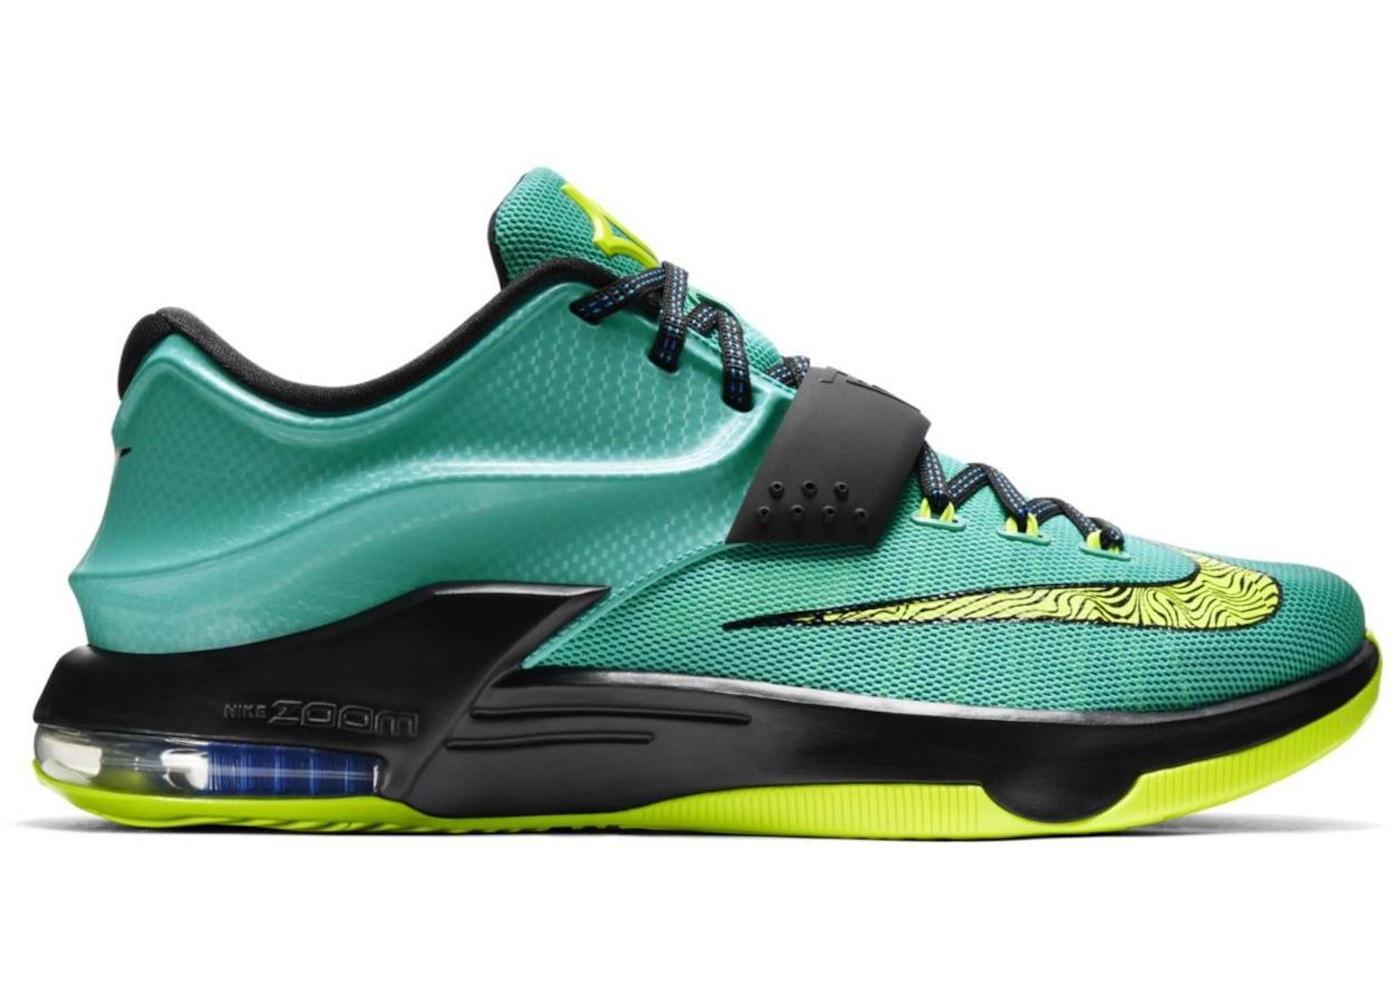 9e96878a5401 Buy Nike KD 7 Shoes   Deadstock Sneakers